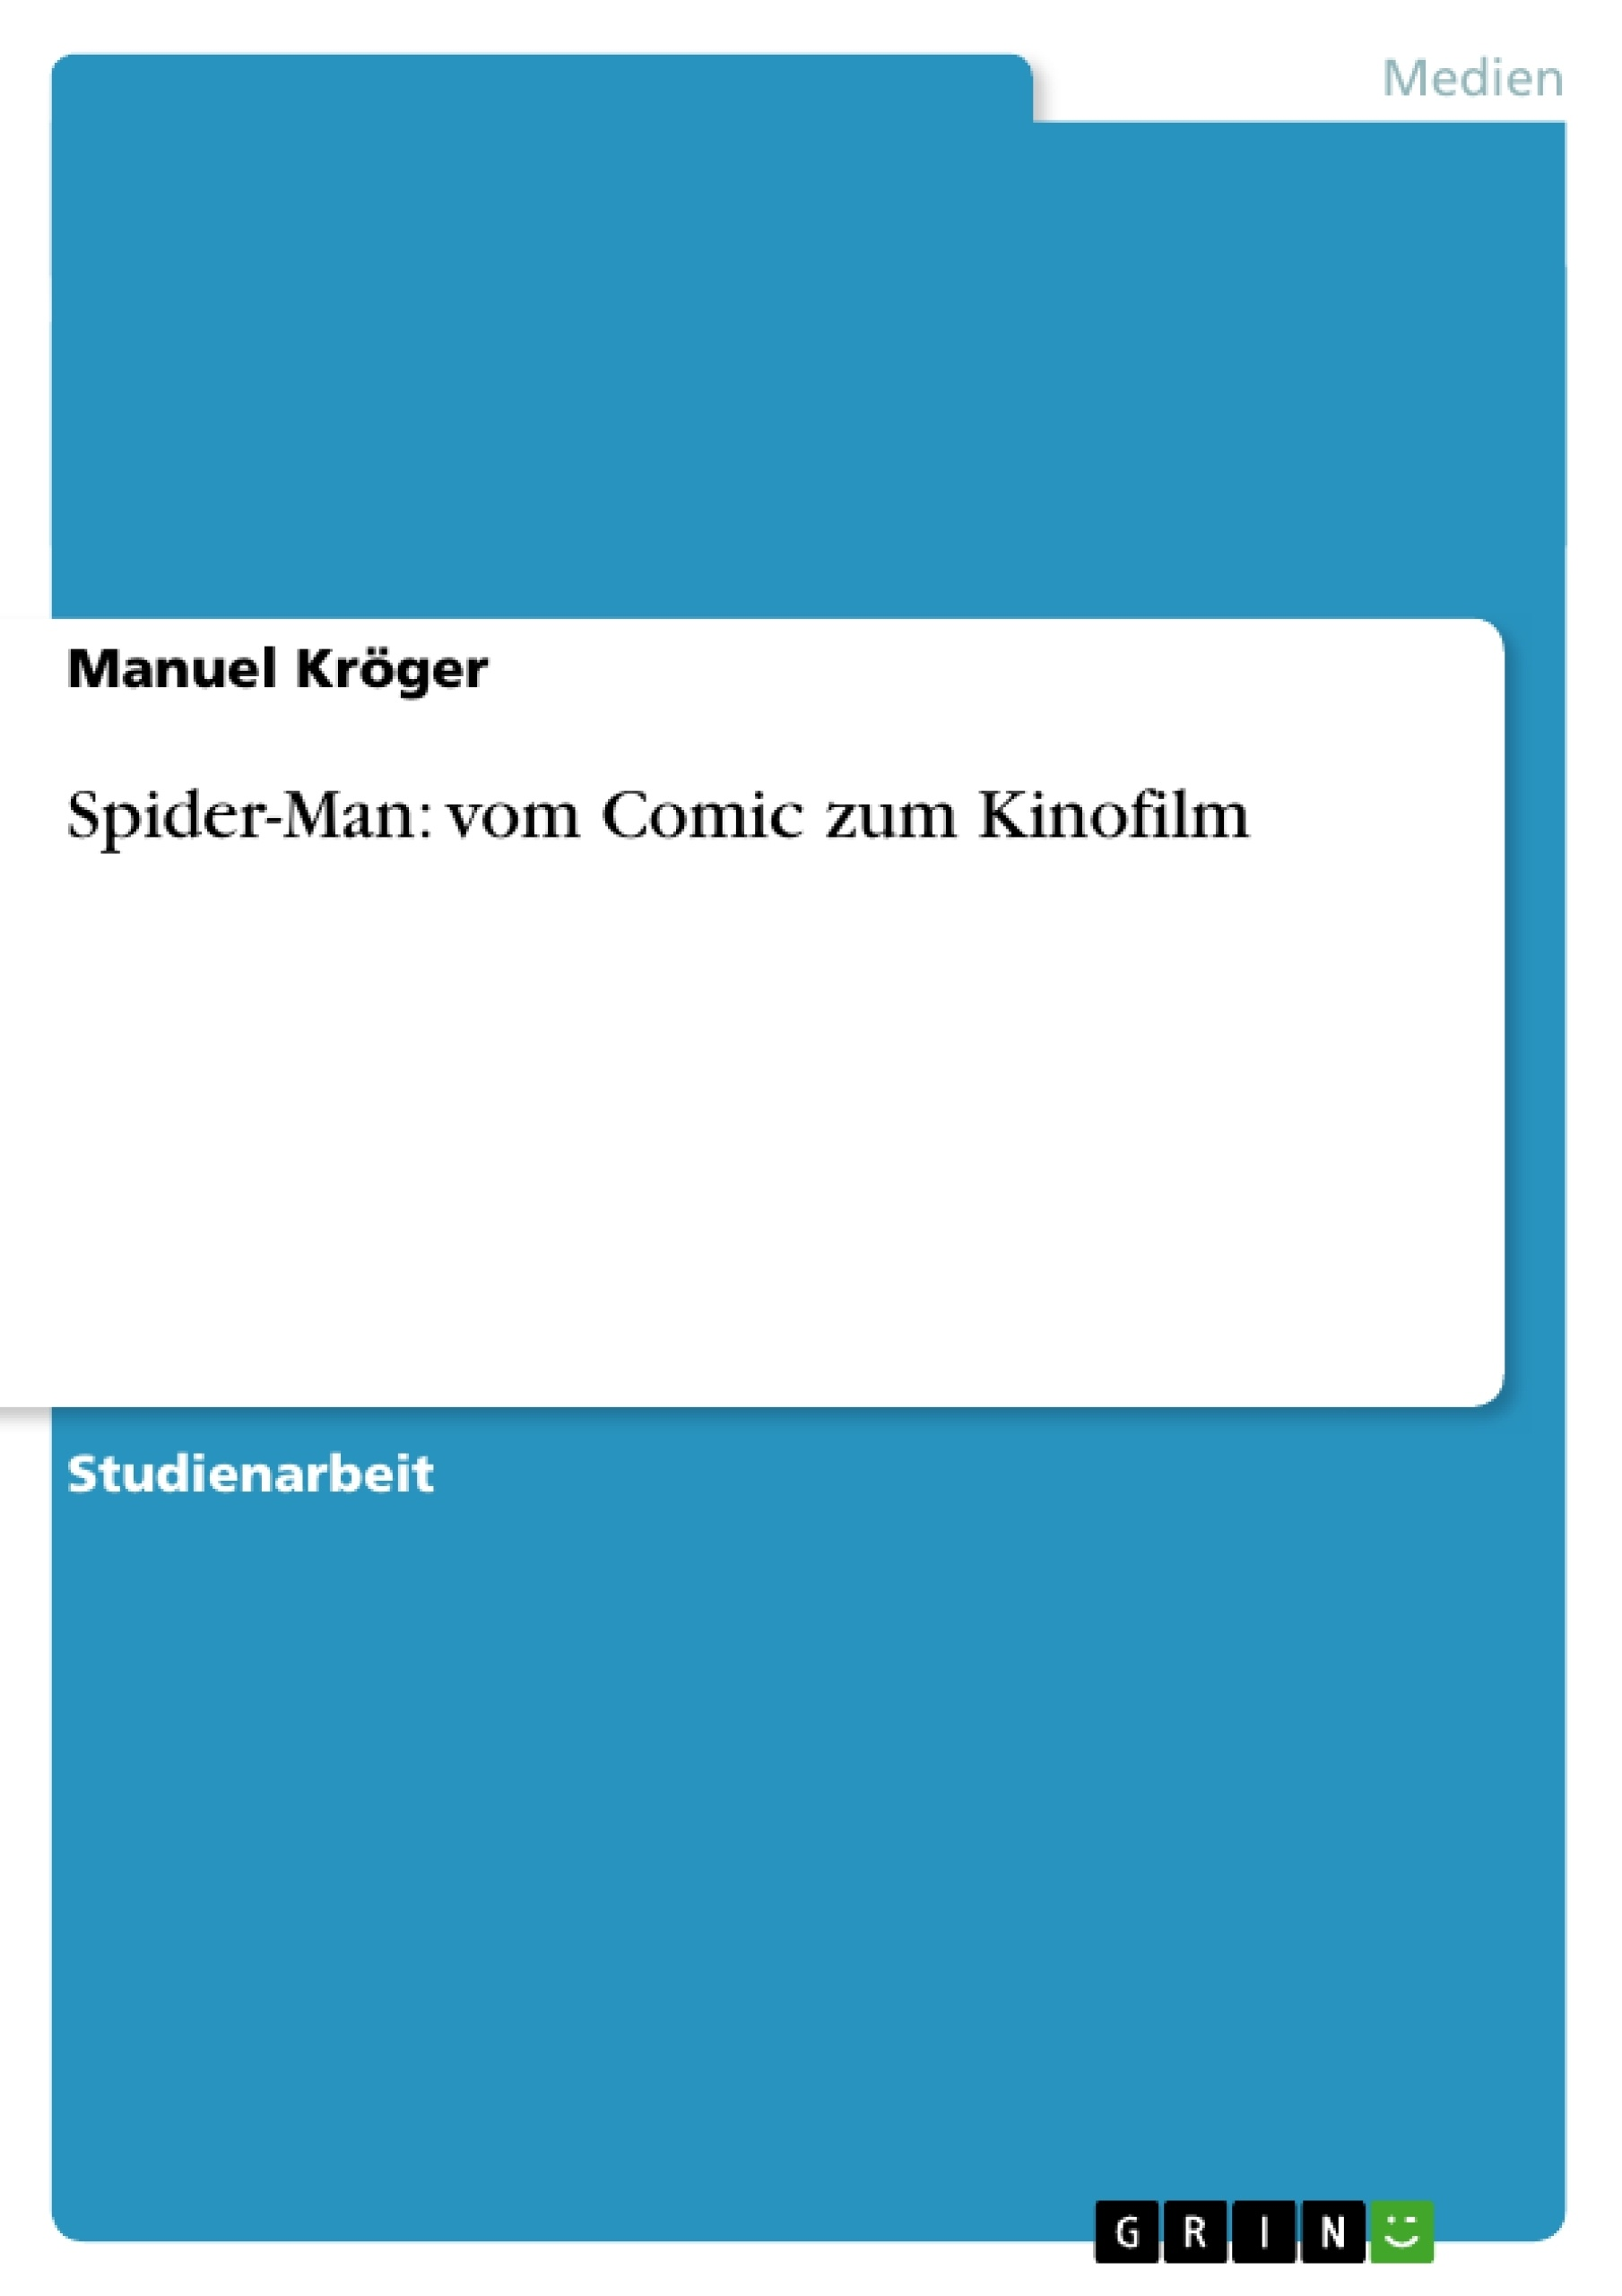 Titel: Spider-Man: vom Comic zum Kinofilm